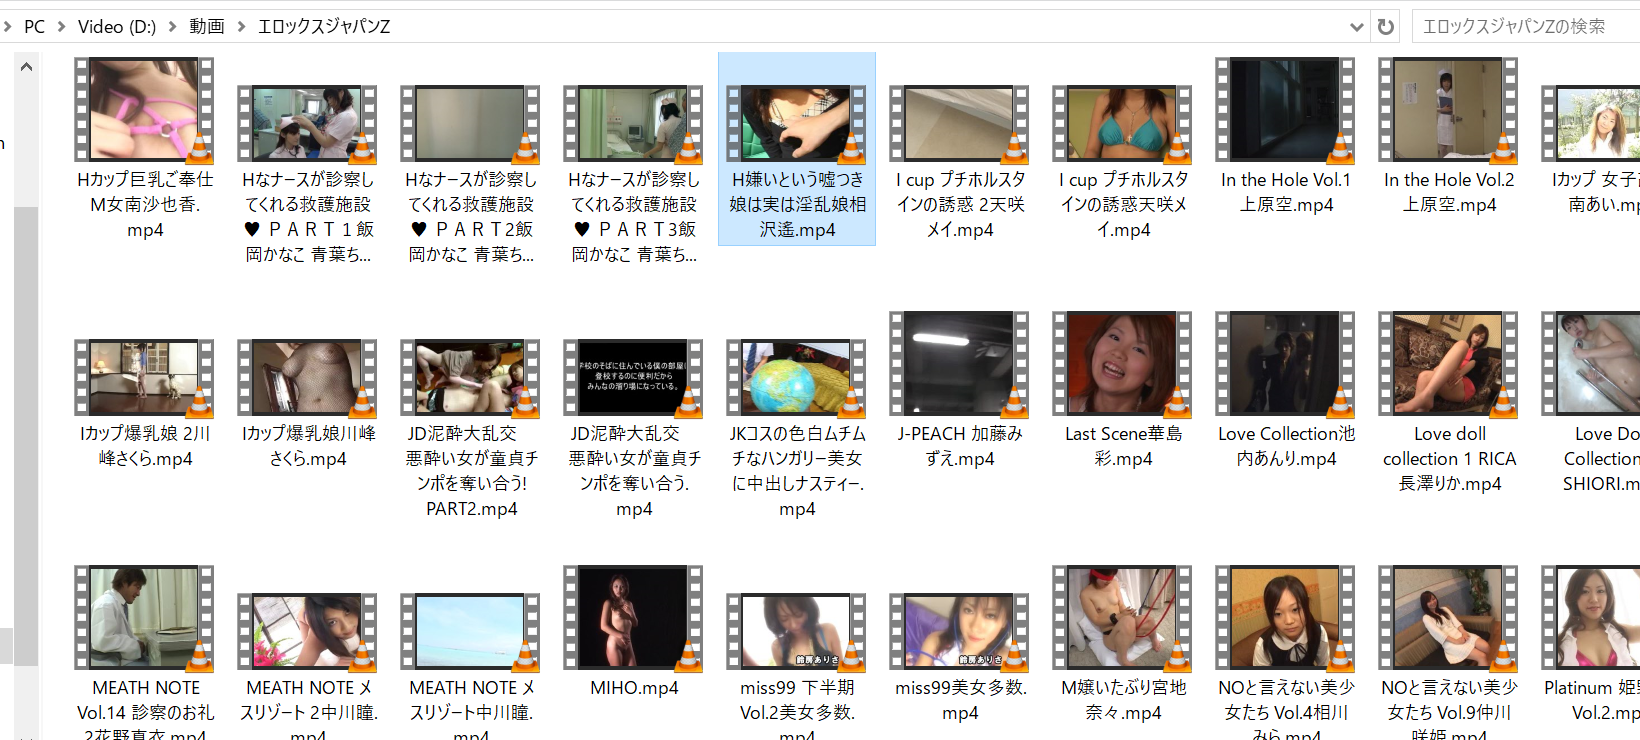 私がエロックスジャパンZに入会してダウンロードした無修正エロ動画